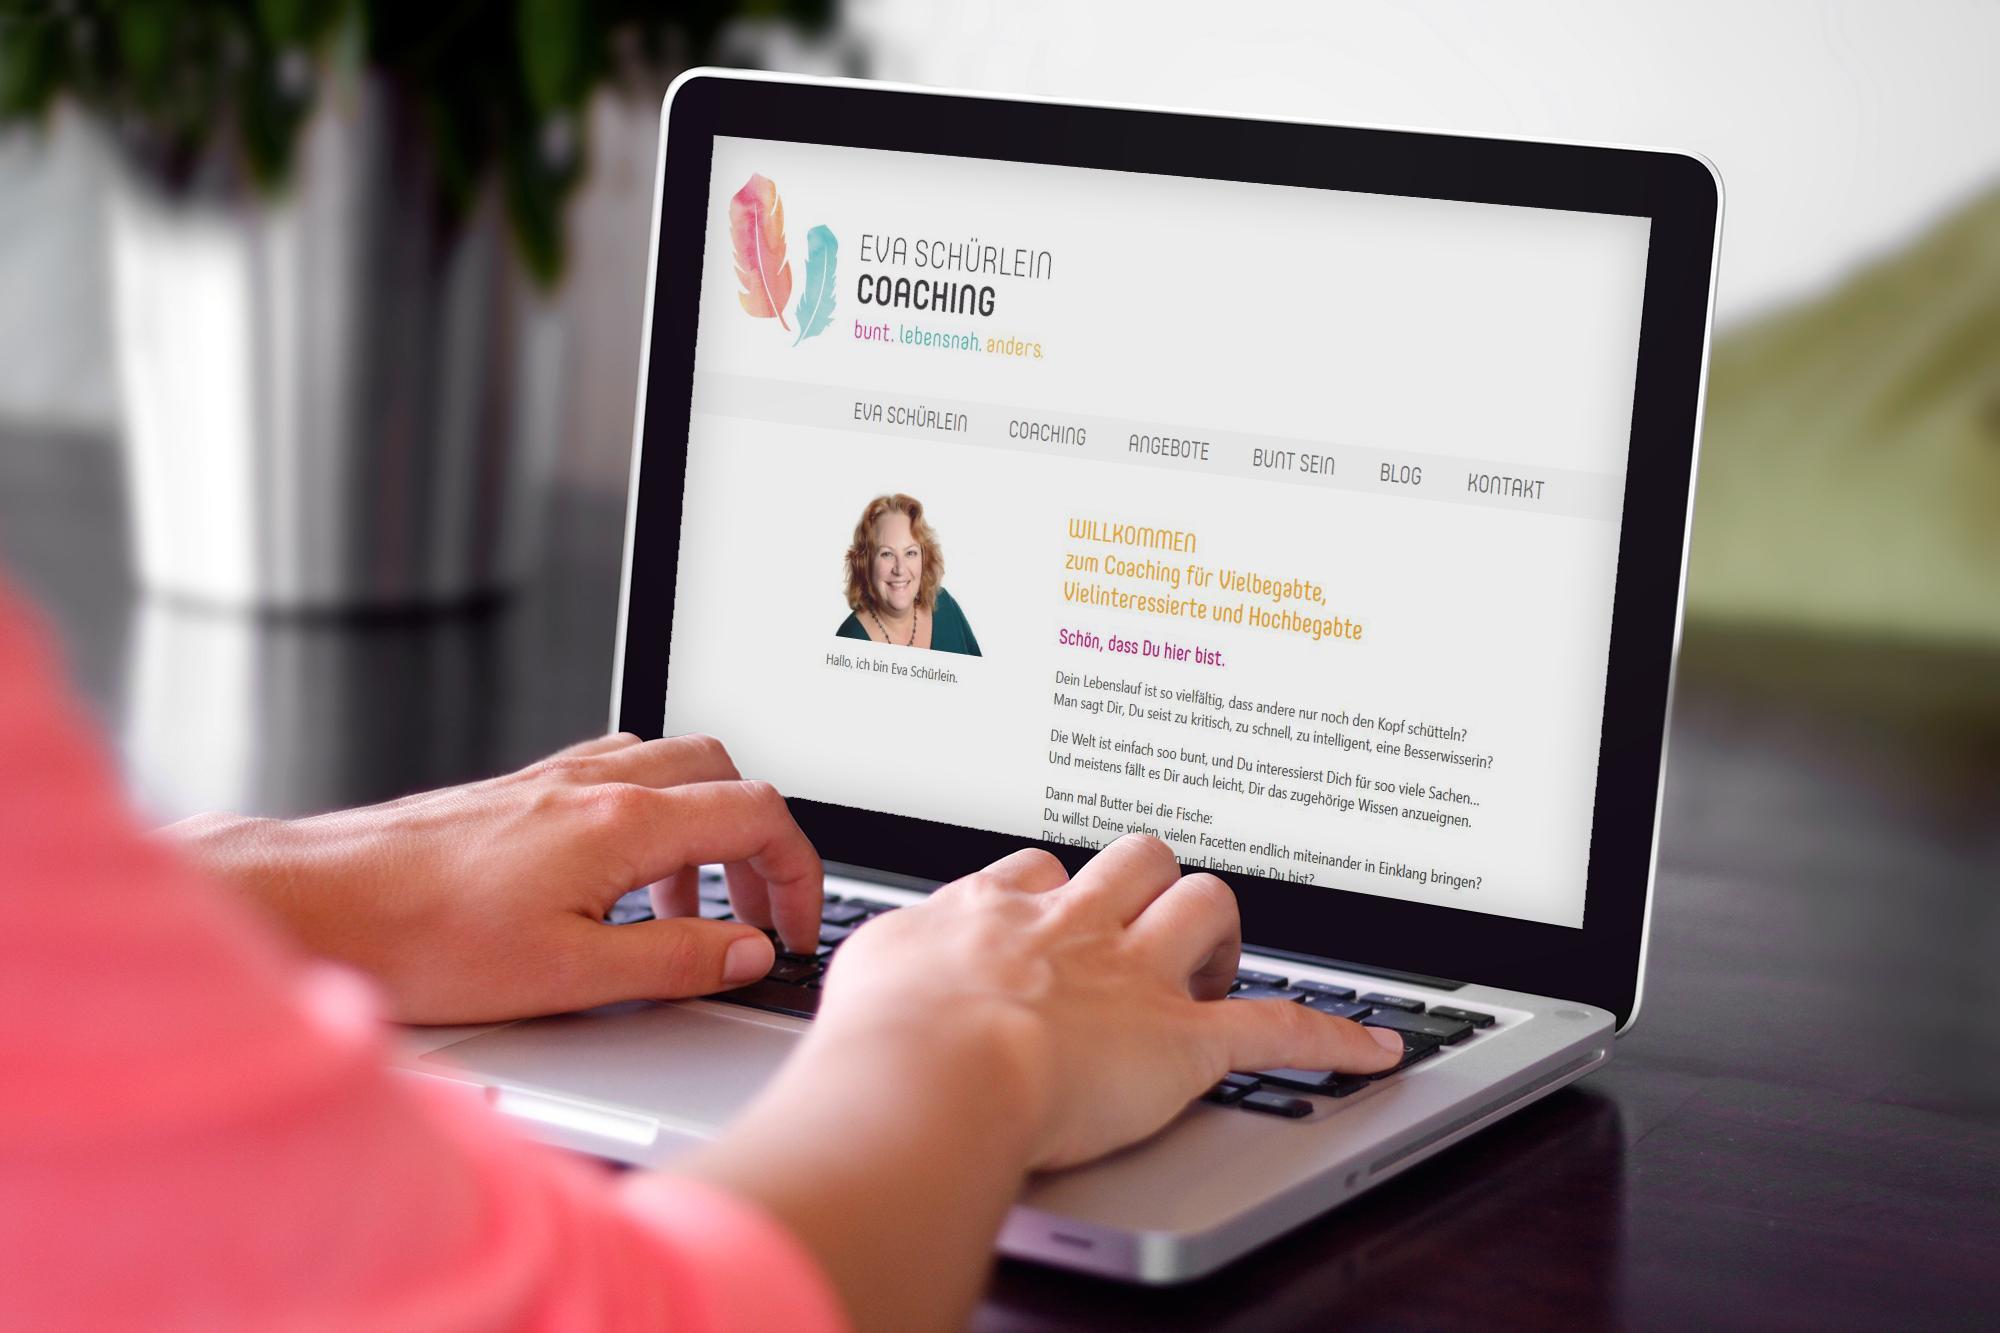 Achtsames Webdesign - Eva Schürlein Coaching Bonn